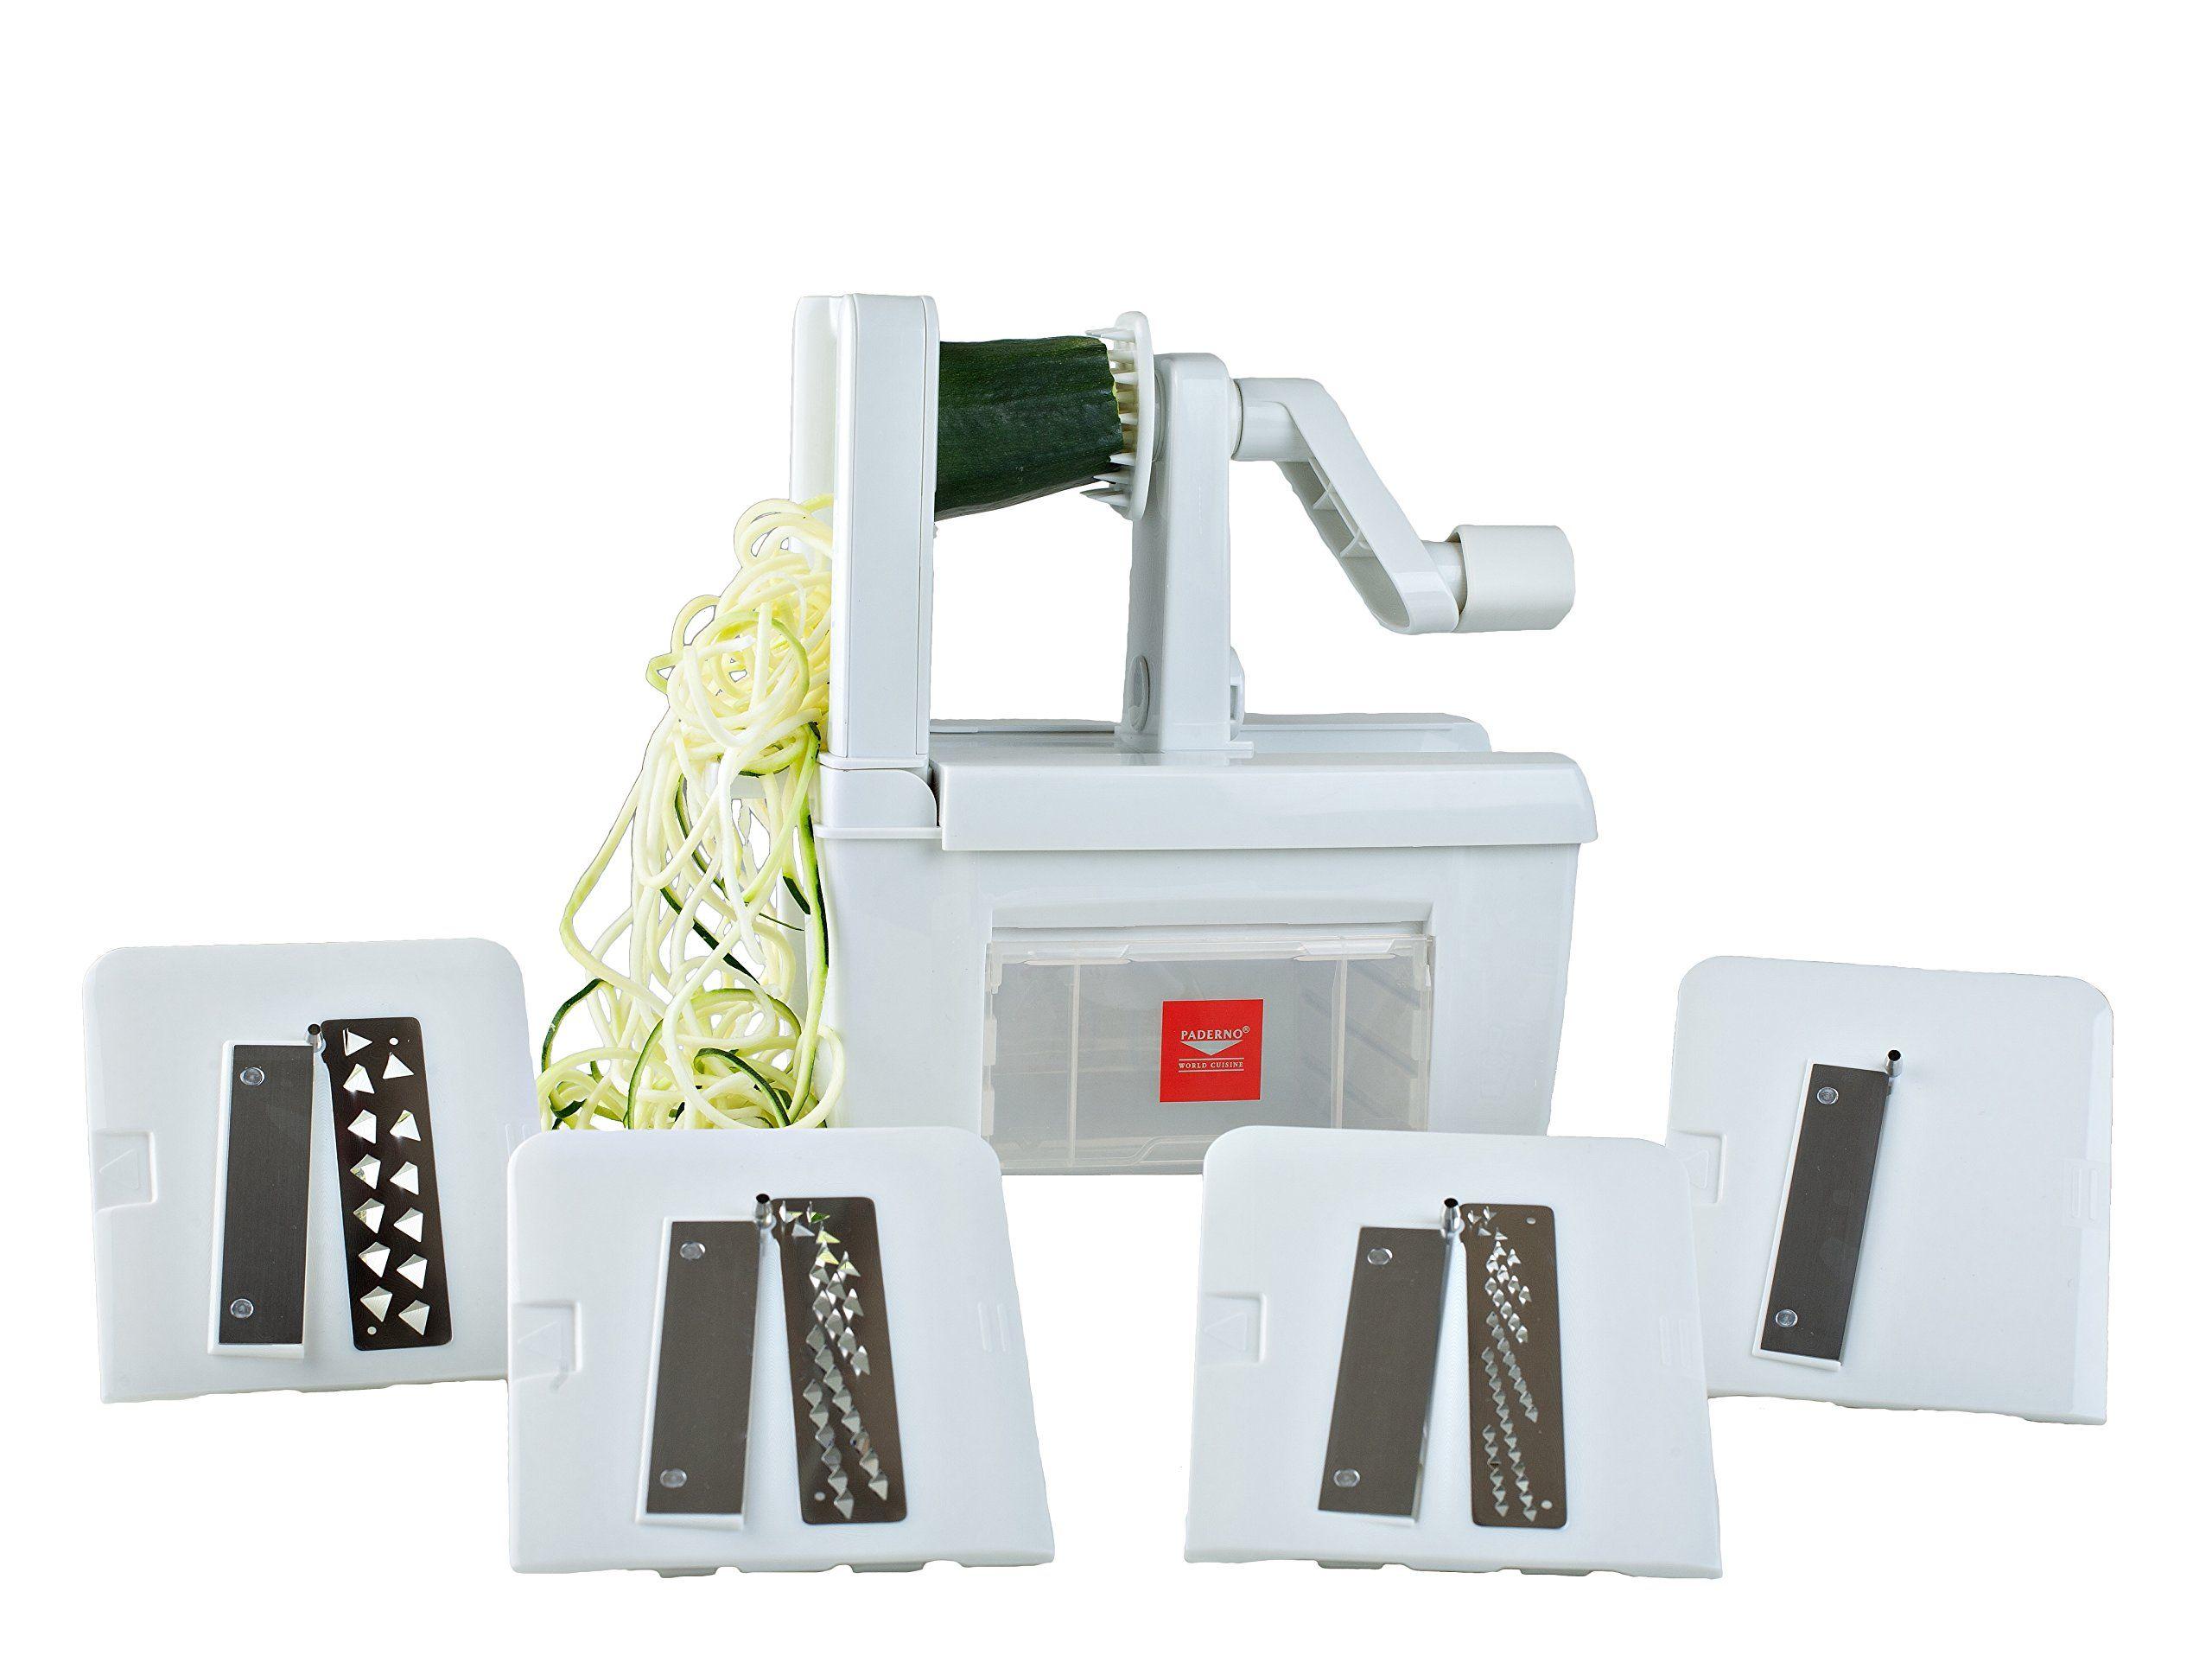 Paderno world cuisine 4 blade spiralizer free - Paderno world cuisine spiral vegetable slicer ...